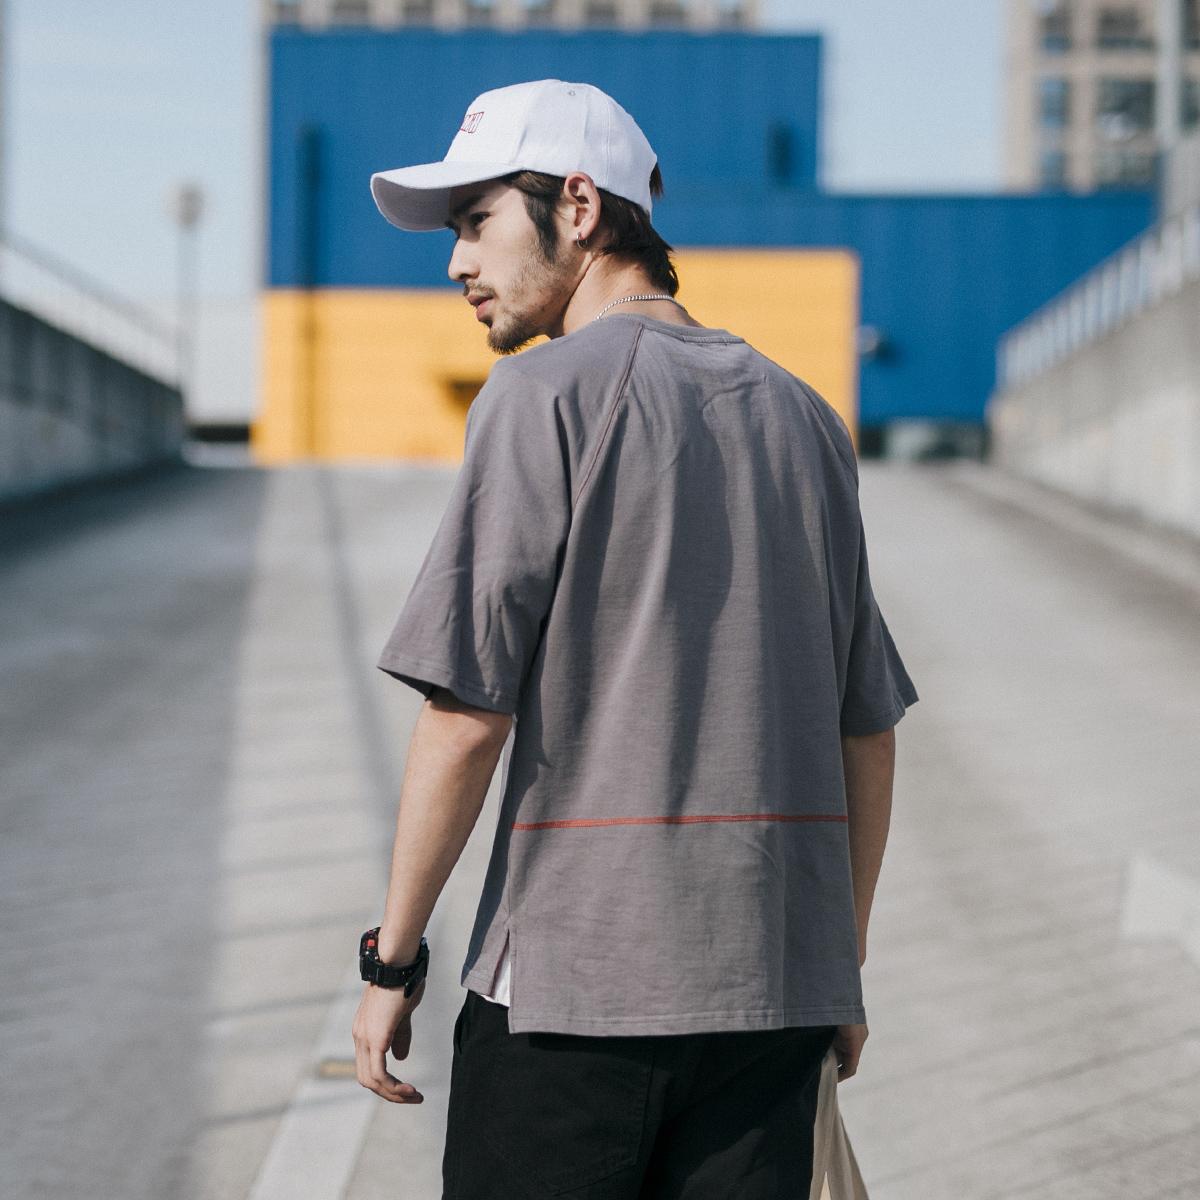 GBOY夏季�凸沤殖蔽�哈��松T恤男短袖青年水洗棉�|�色�w恤短tee